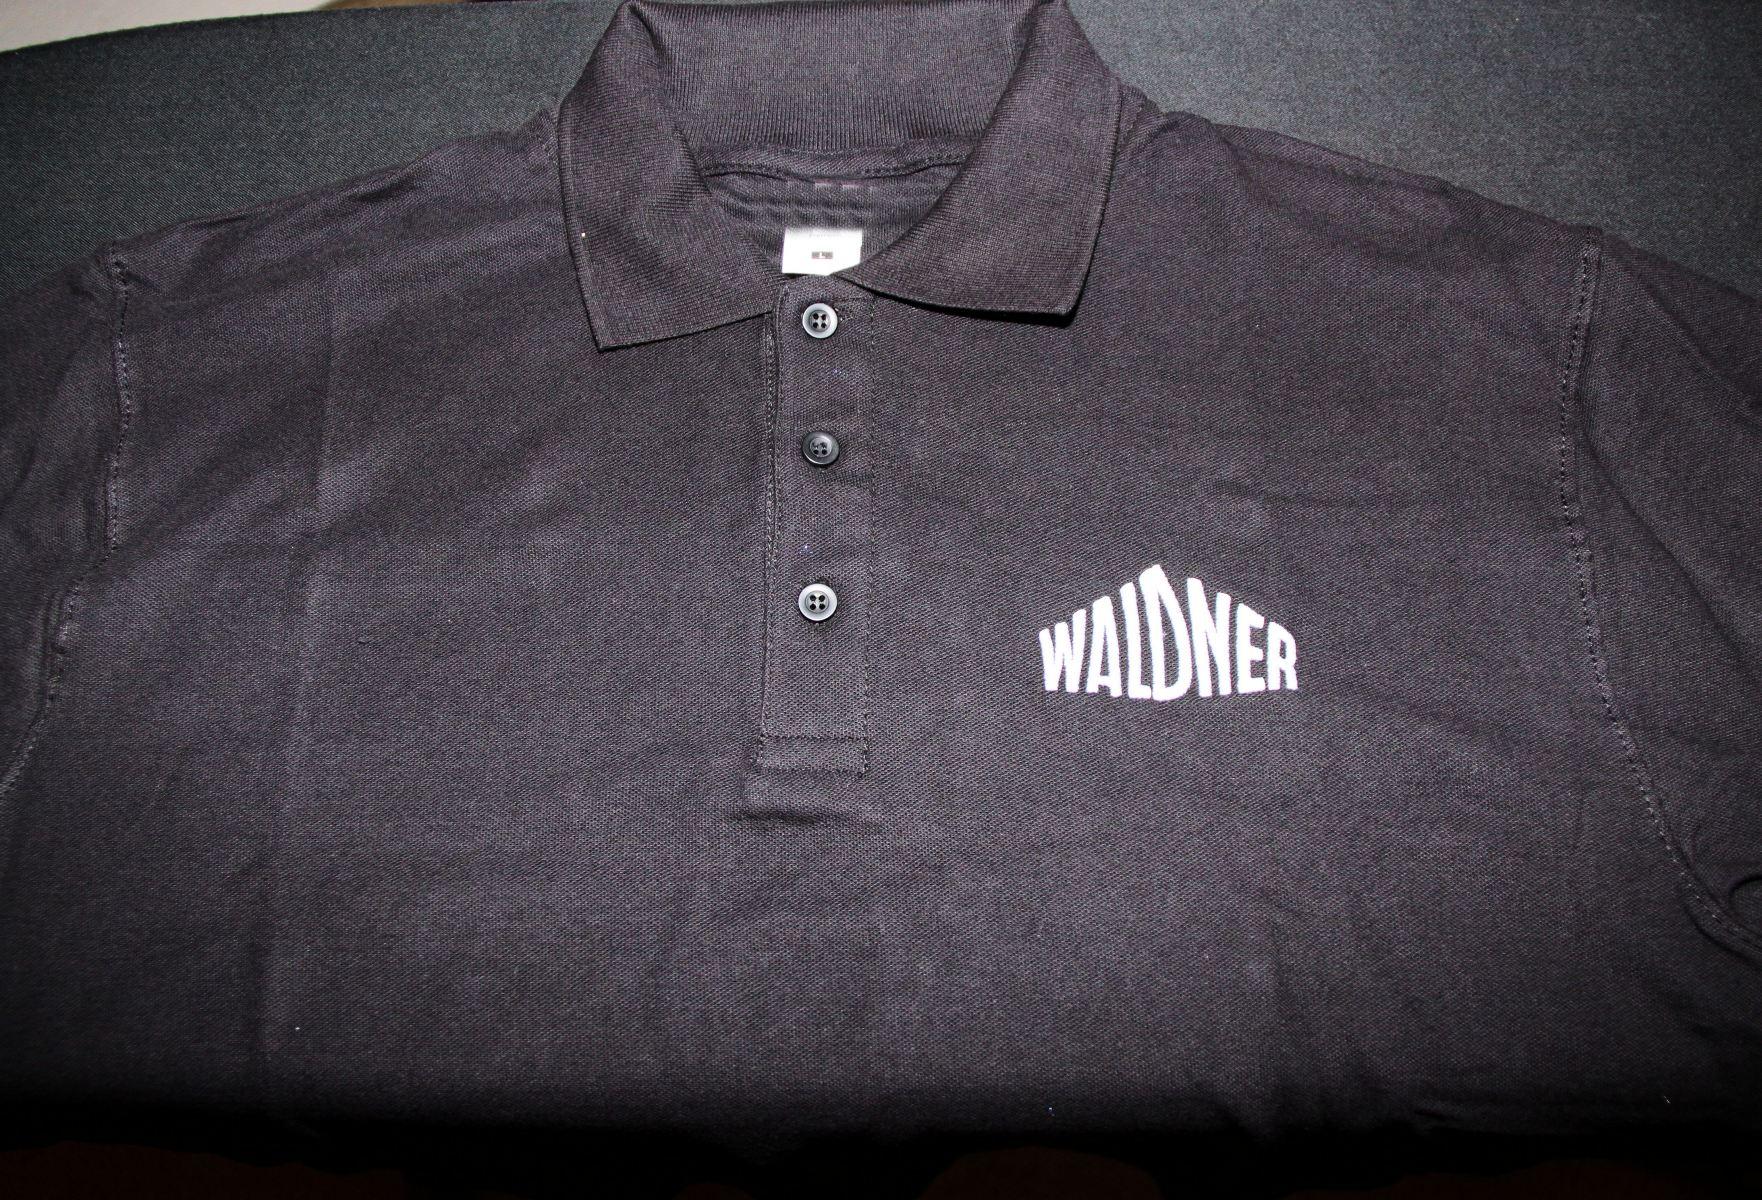 Waldner-bearb